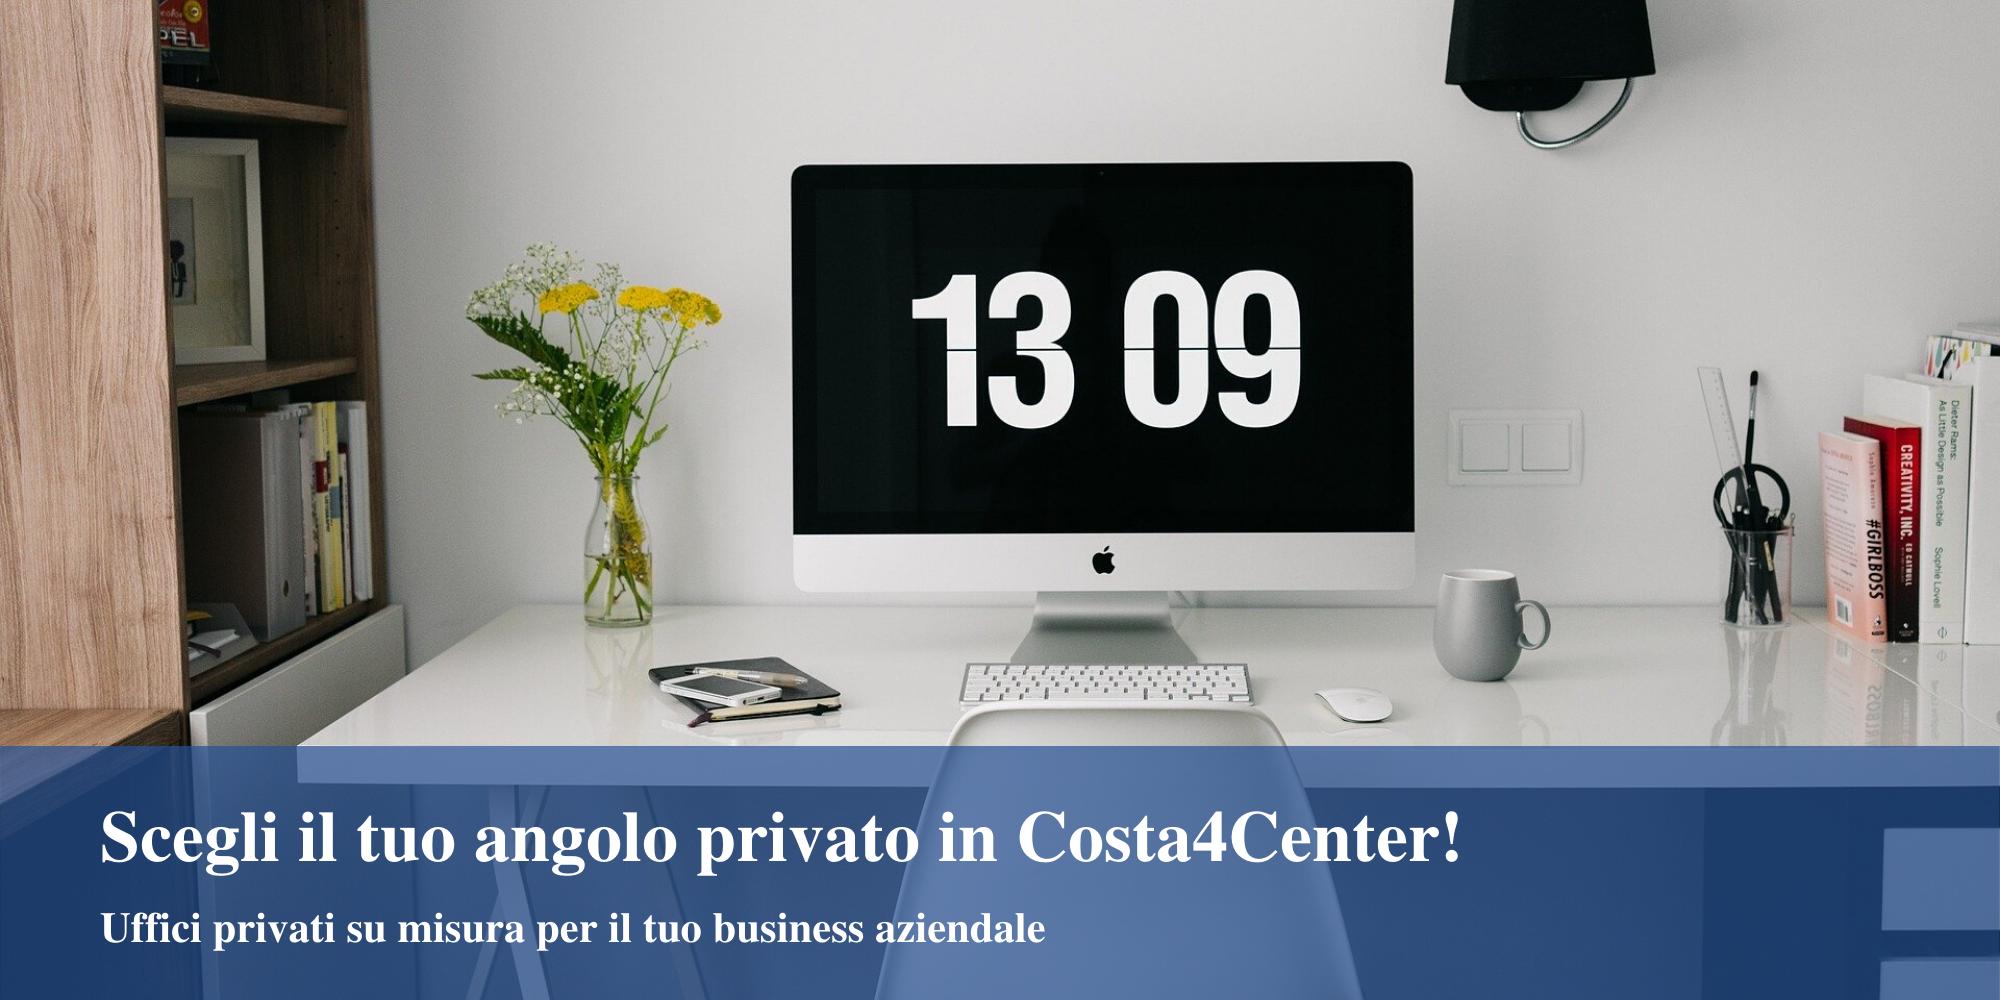 ufficio privato costa4center milano loreto